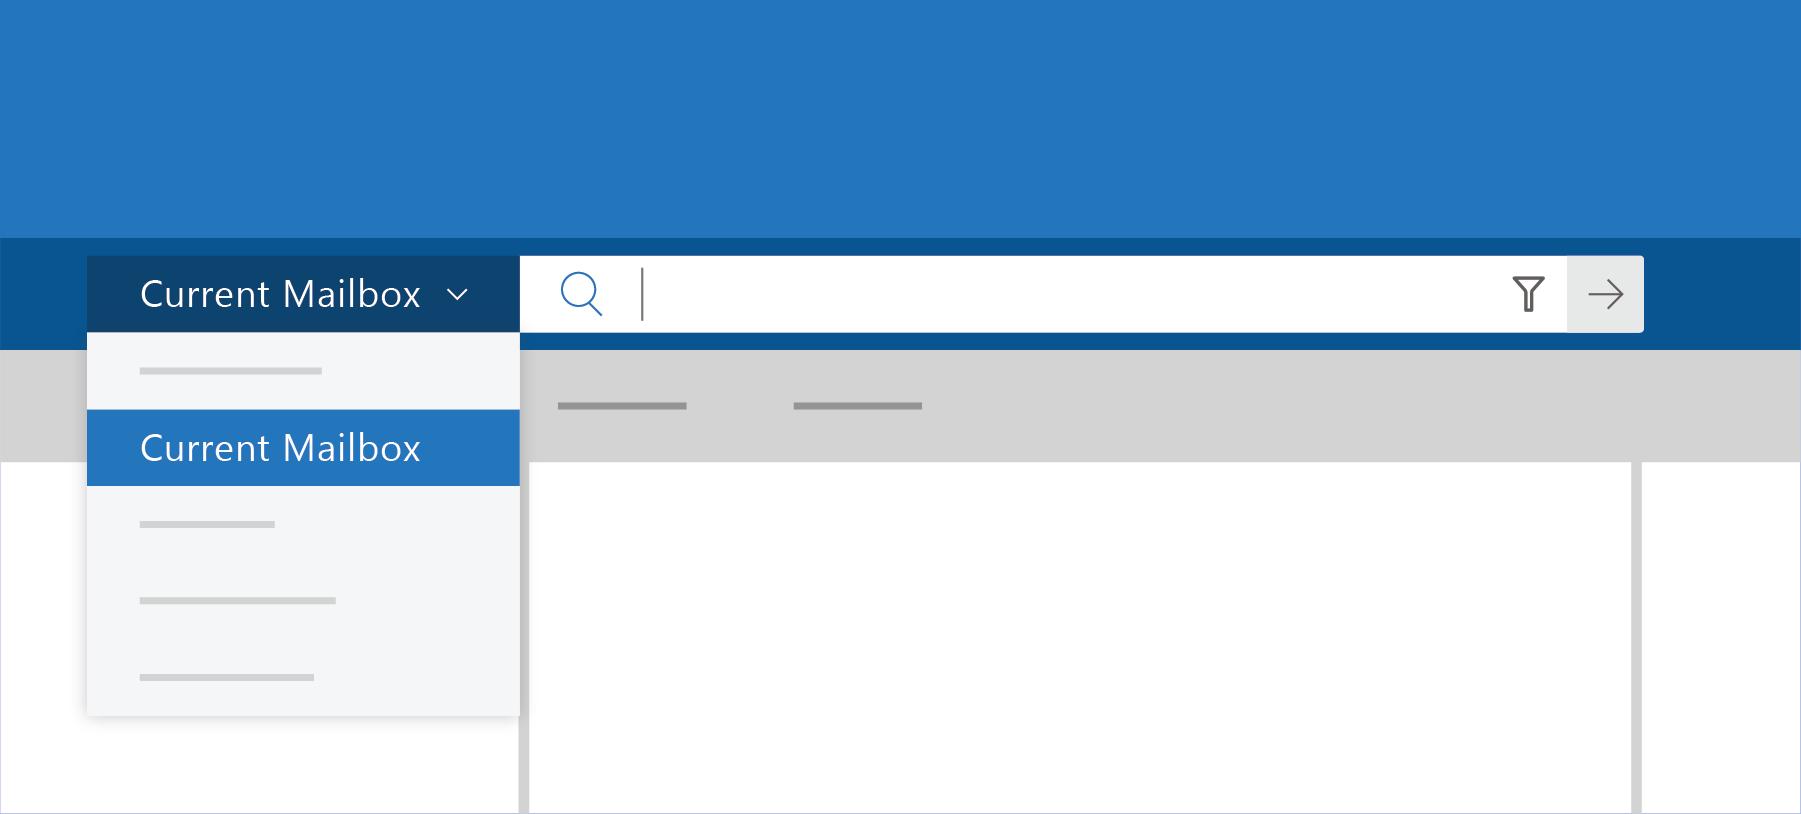 Affiche la recherche dans Outlook